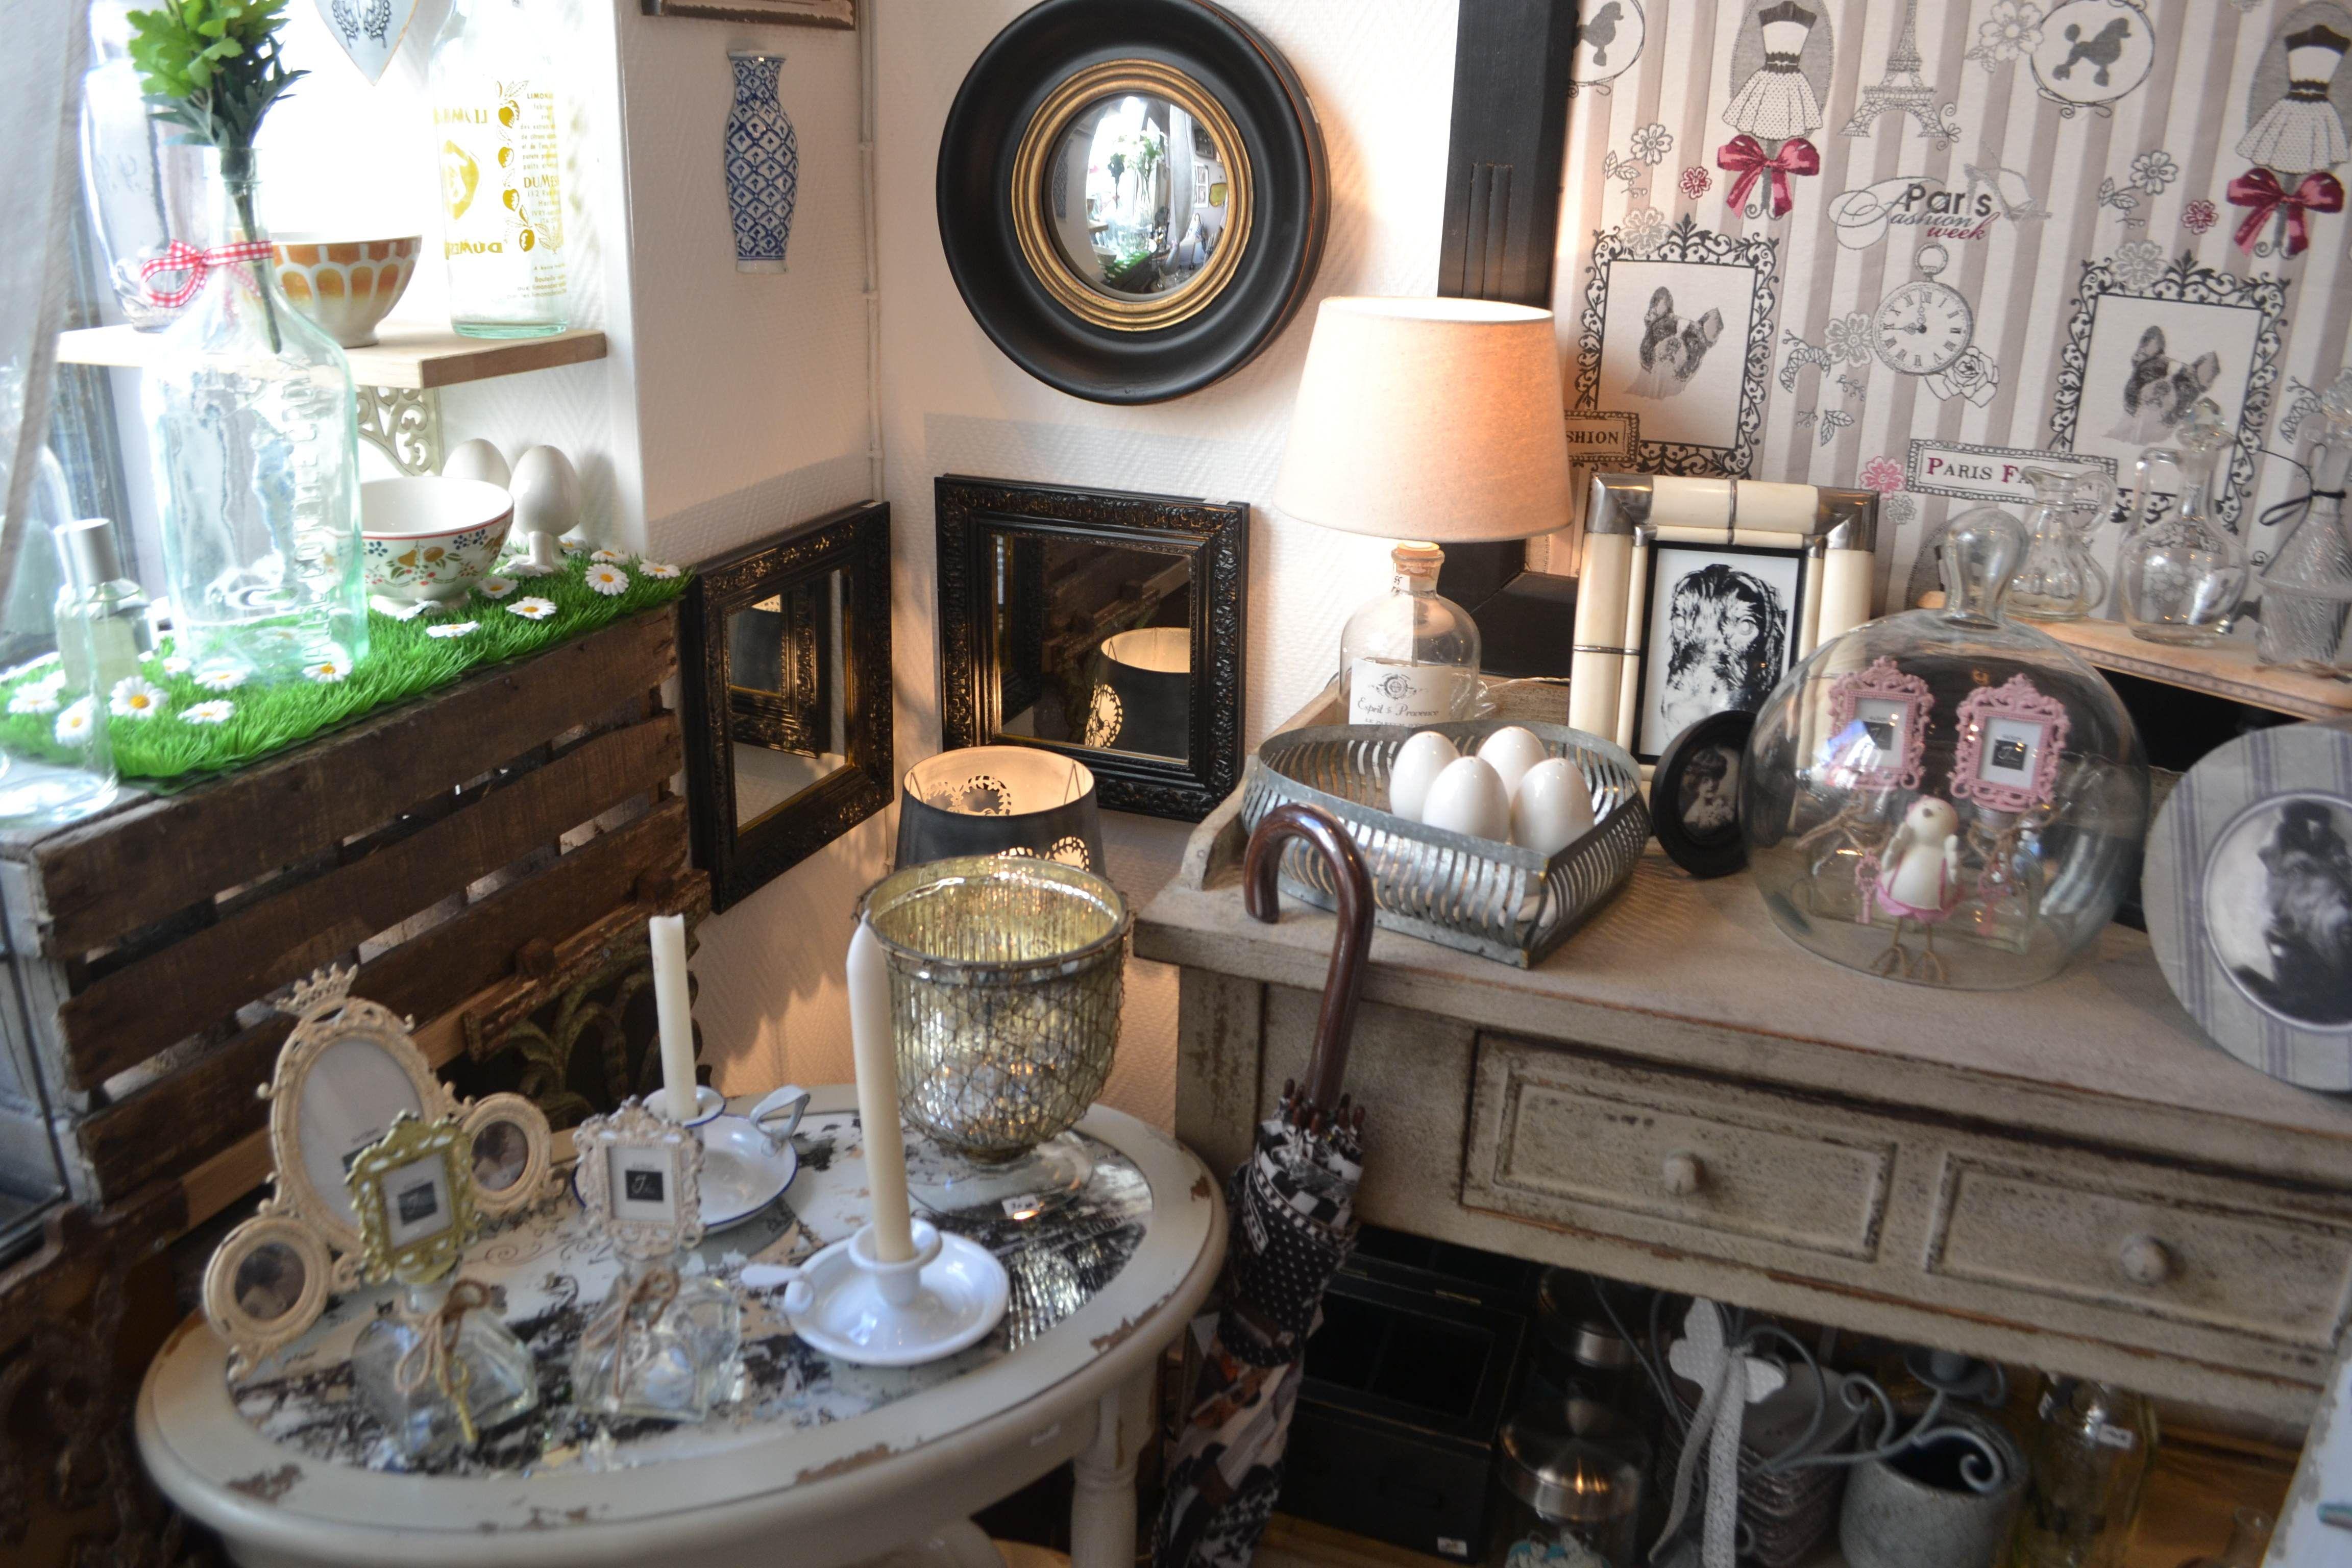 Chezbetoche Boutique Objets Deco Idees Cadeaux Vintage